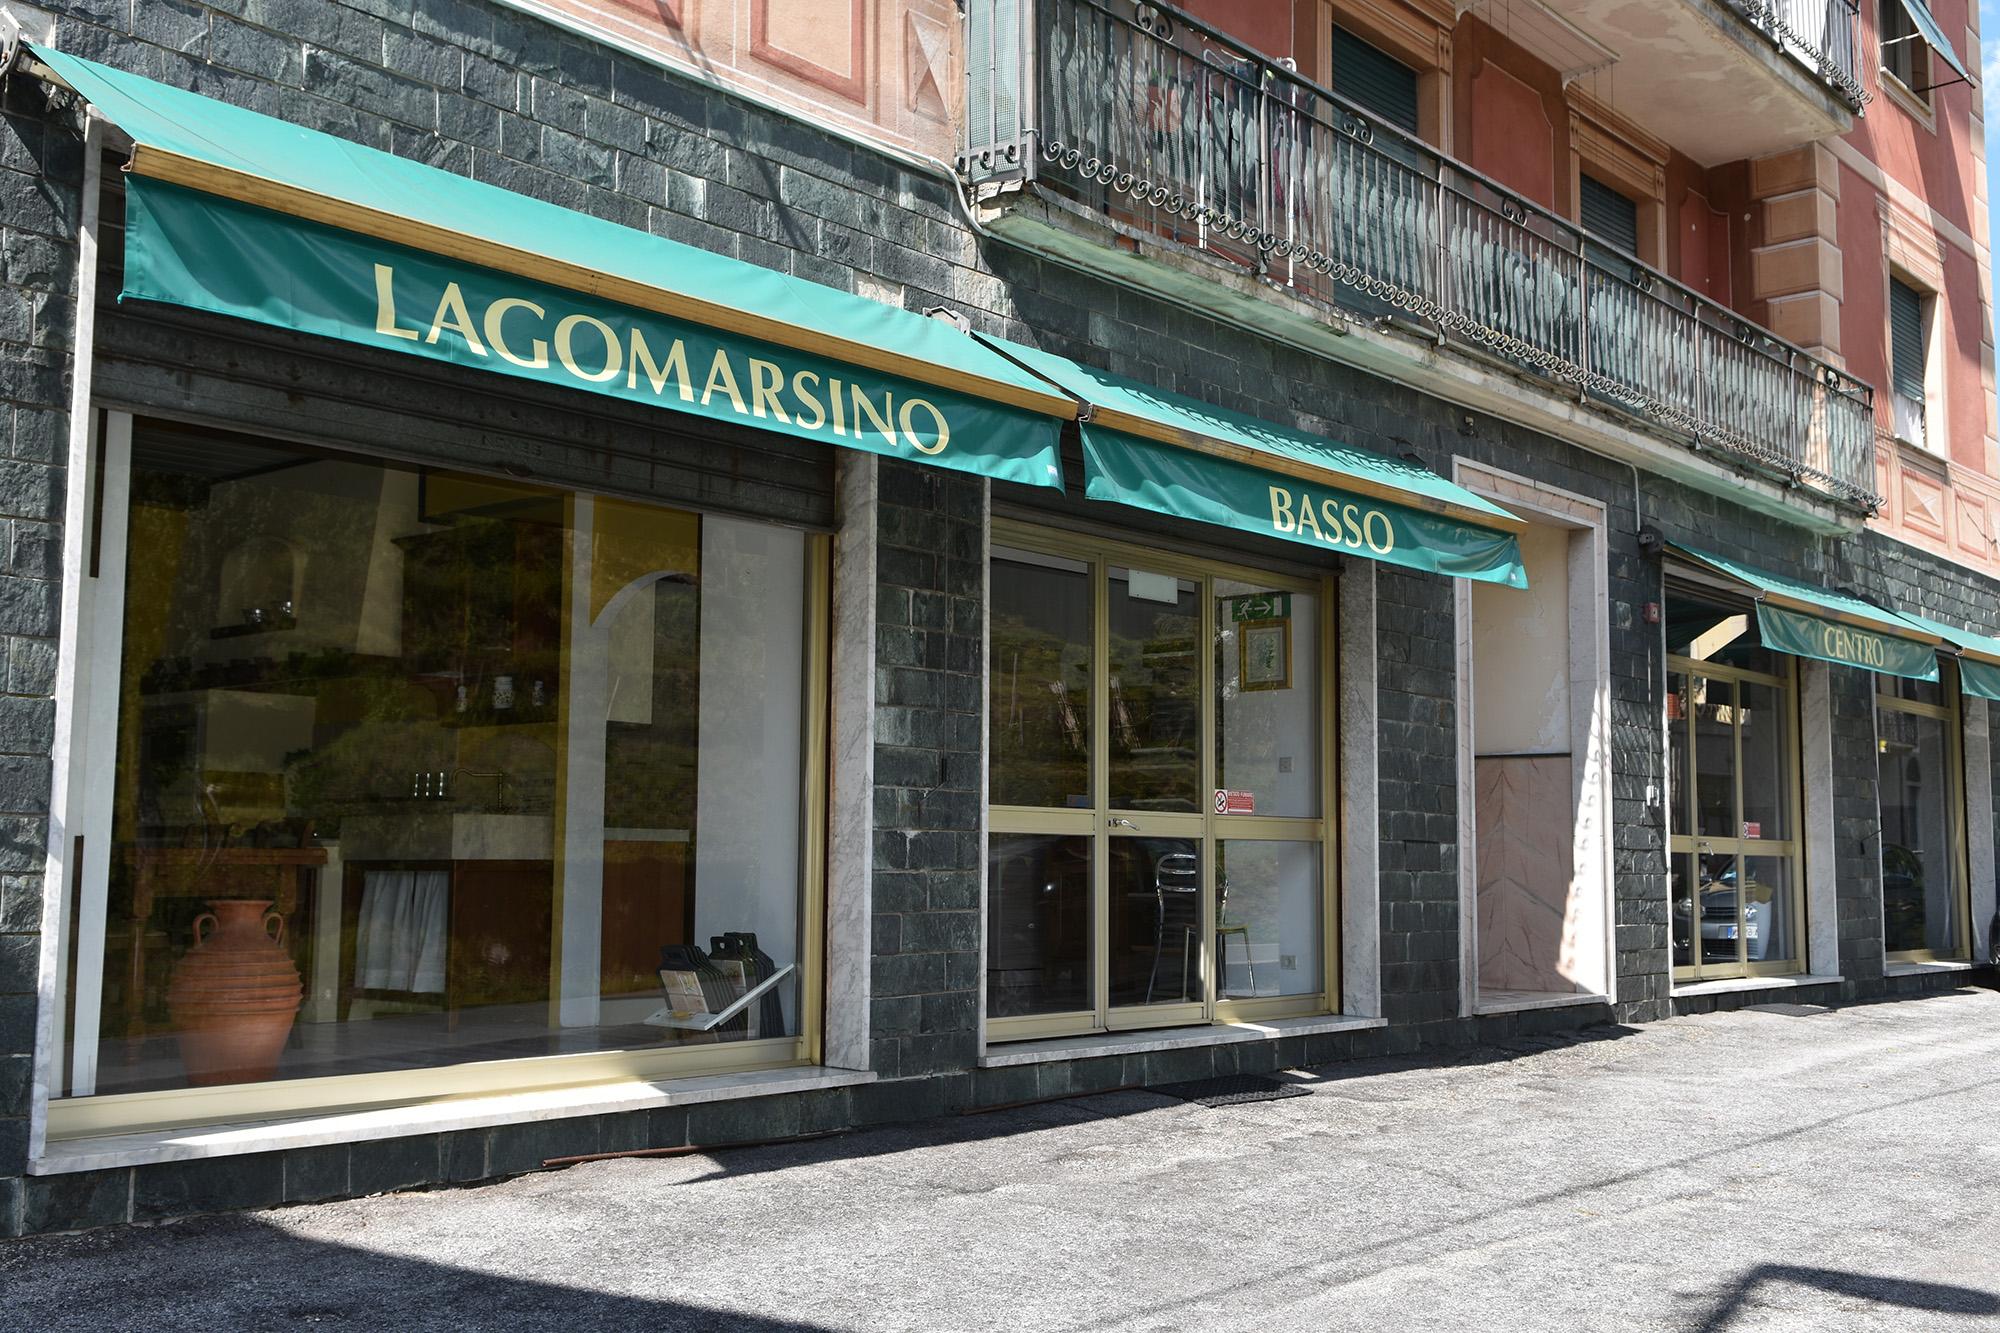 Lagomarsino e Basso